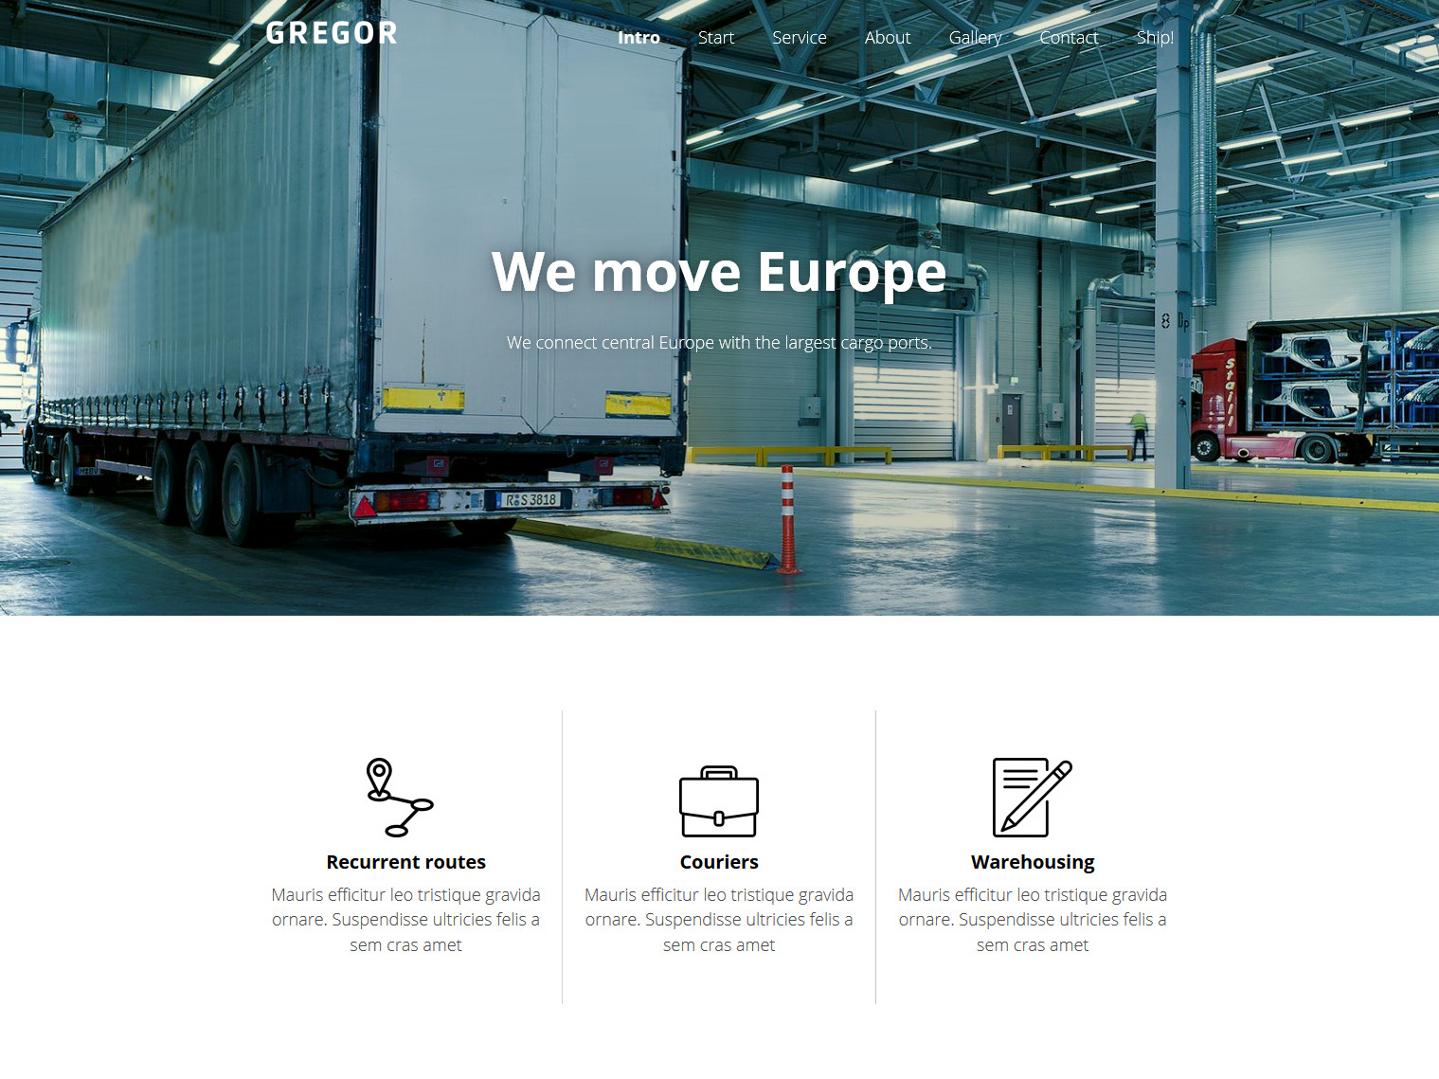 Website-Vorschau »Landingpage« des Templates »Gregor Pro«